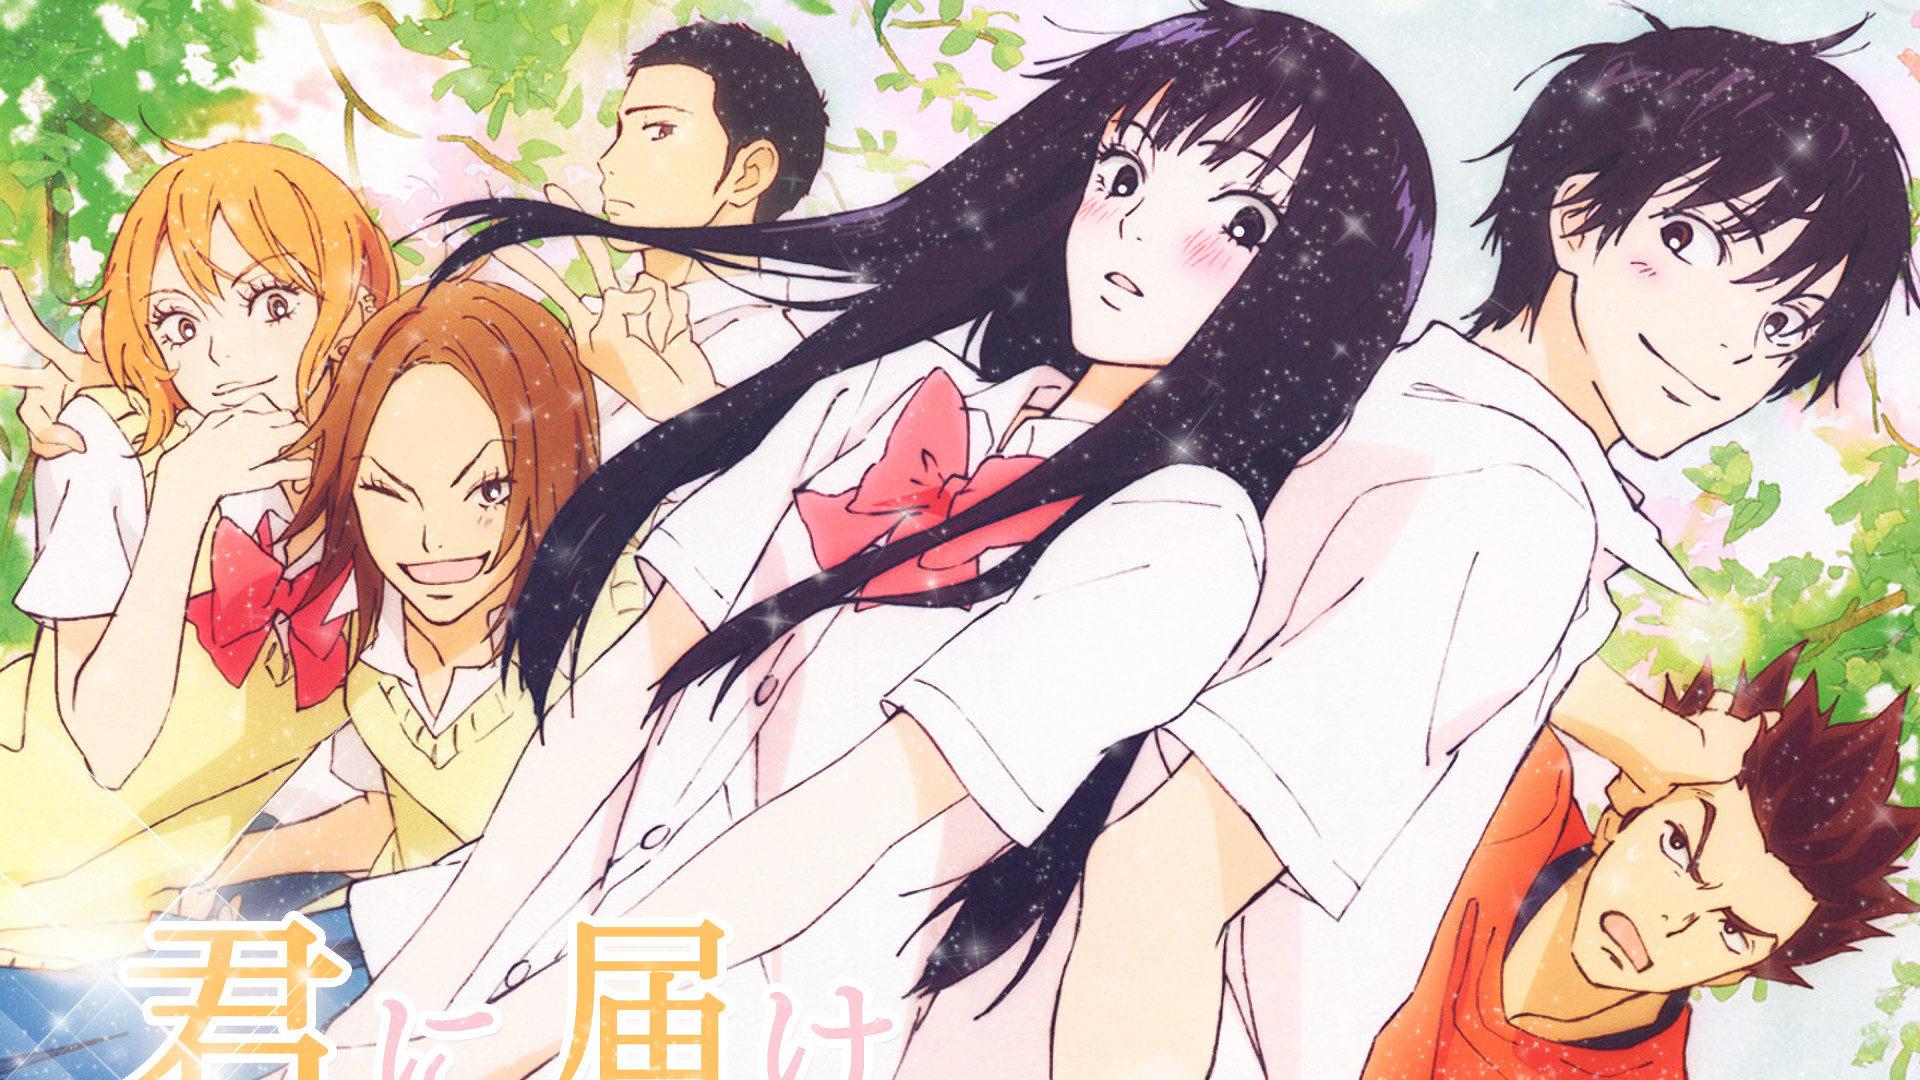 Anime - Kimi ni todoke - www.culturageek.com.ar